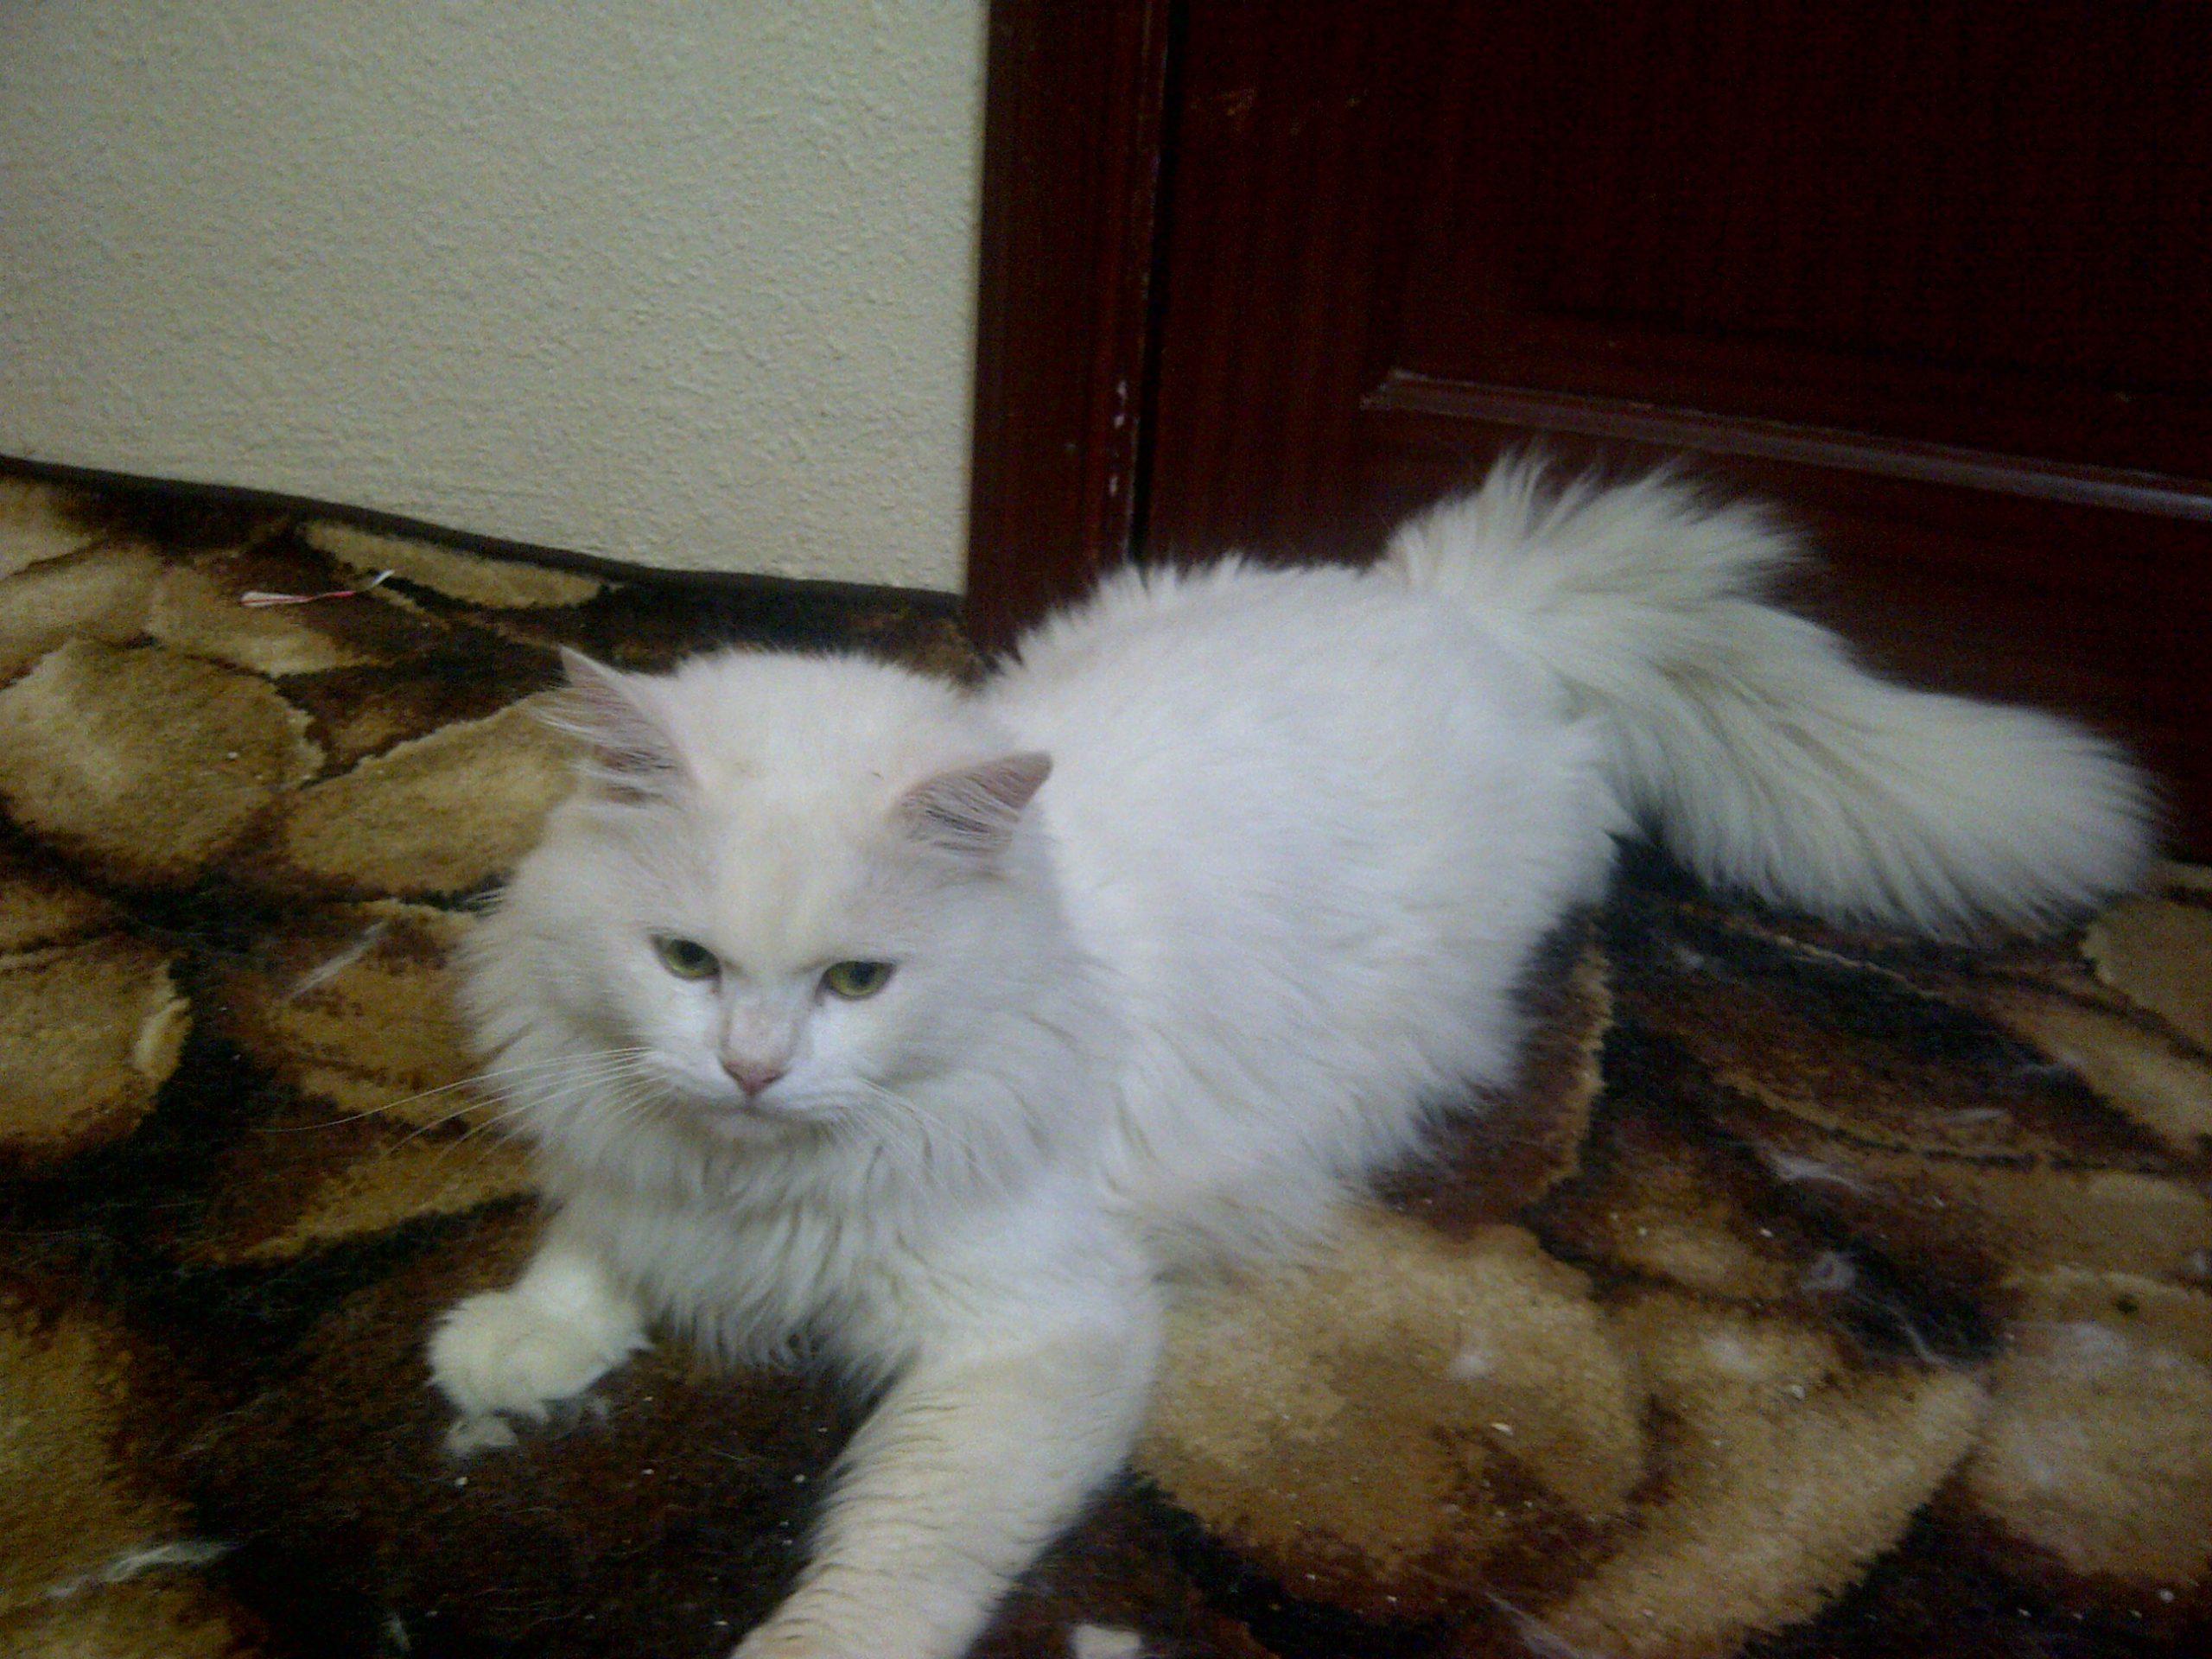 صور انواع قطط مختلفة ومعلومات عن حياة القطط 4